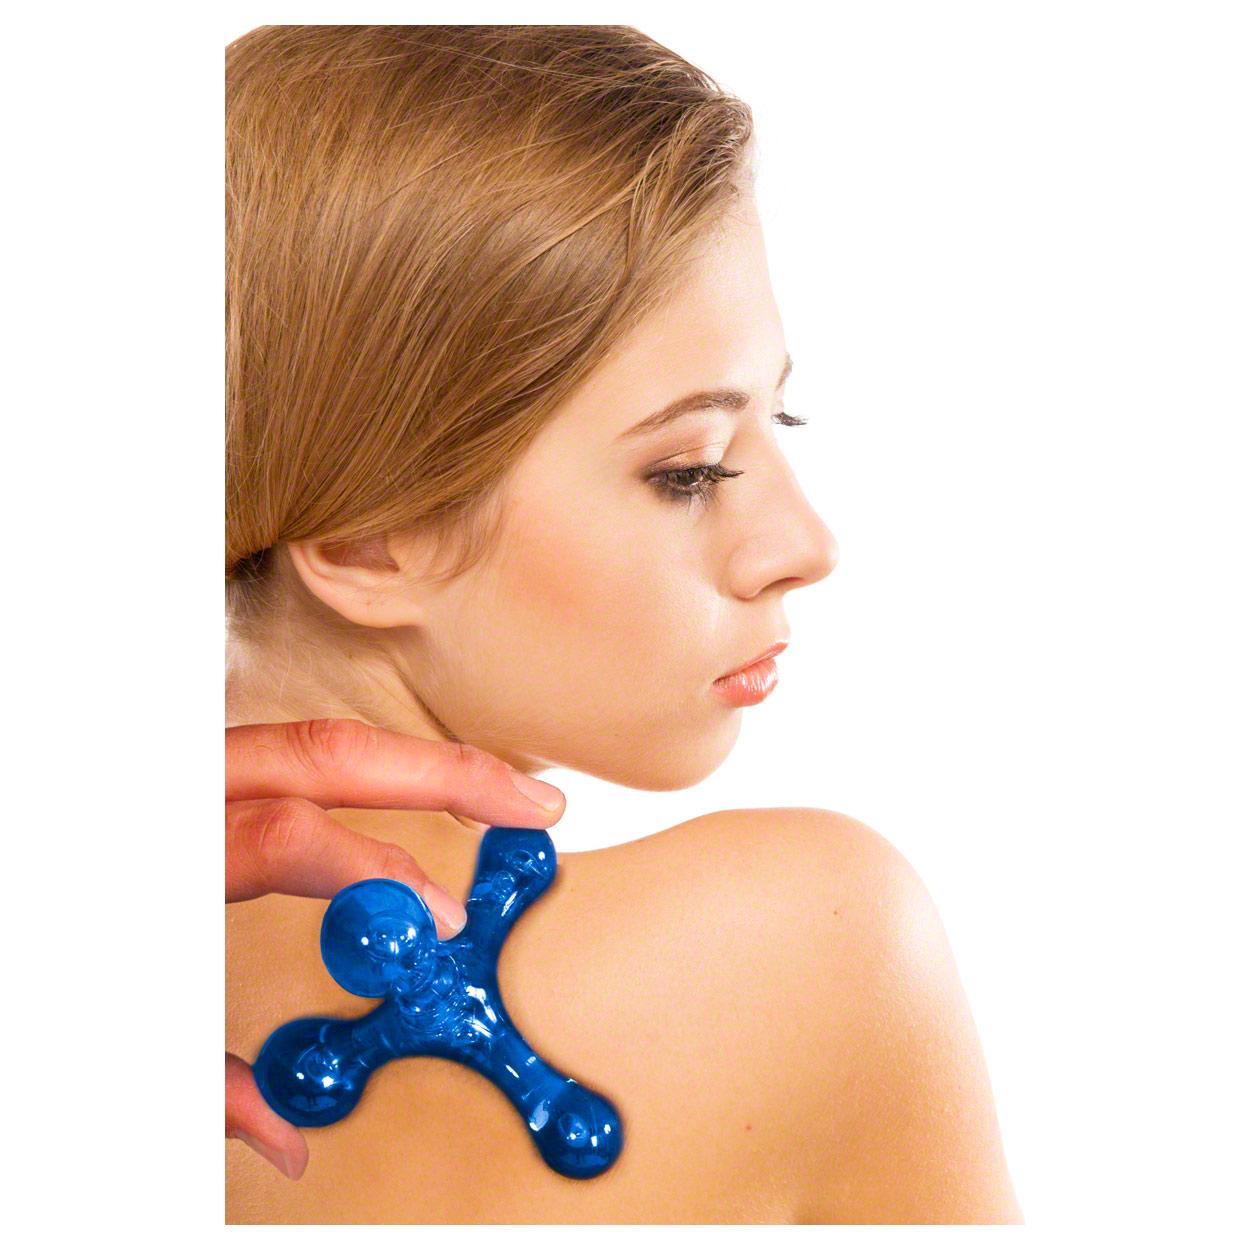 Hoffmanns Stab Massageroller Massagehilfe Selbstmassage bei Verspannungen